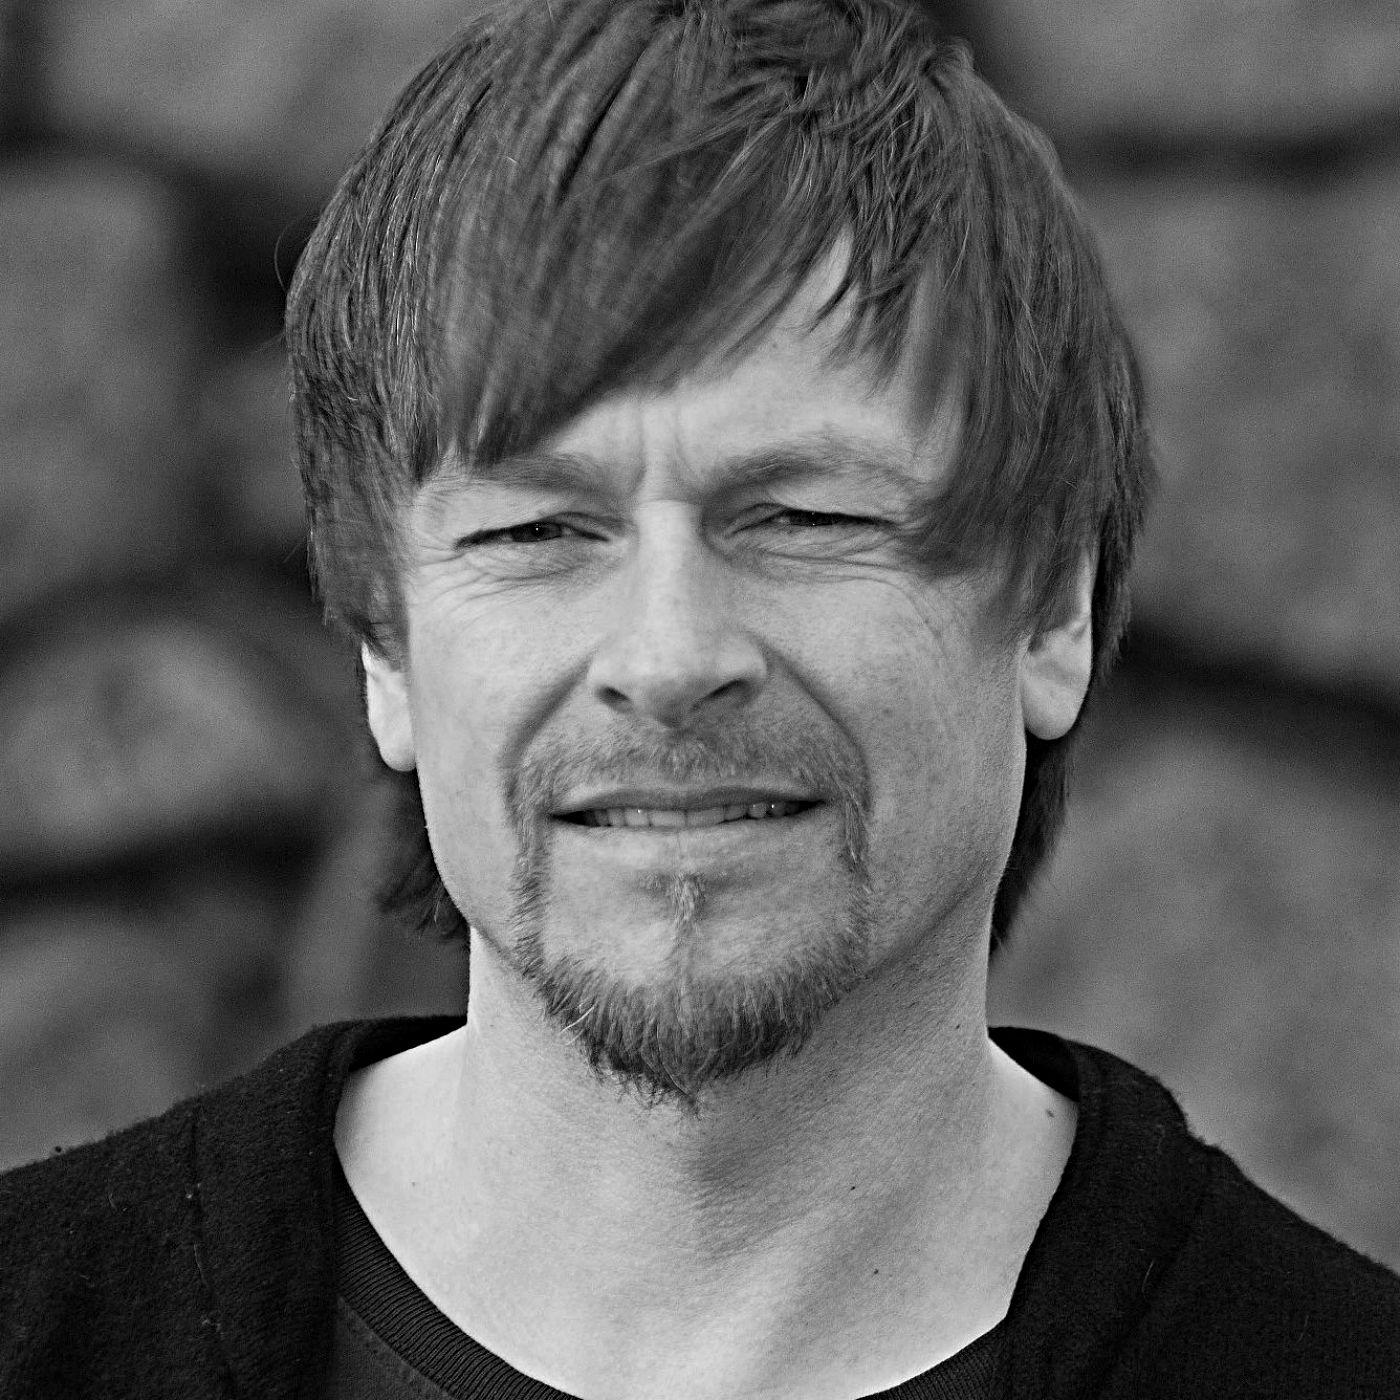 Oli Jogvansson